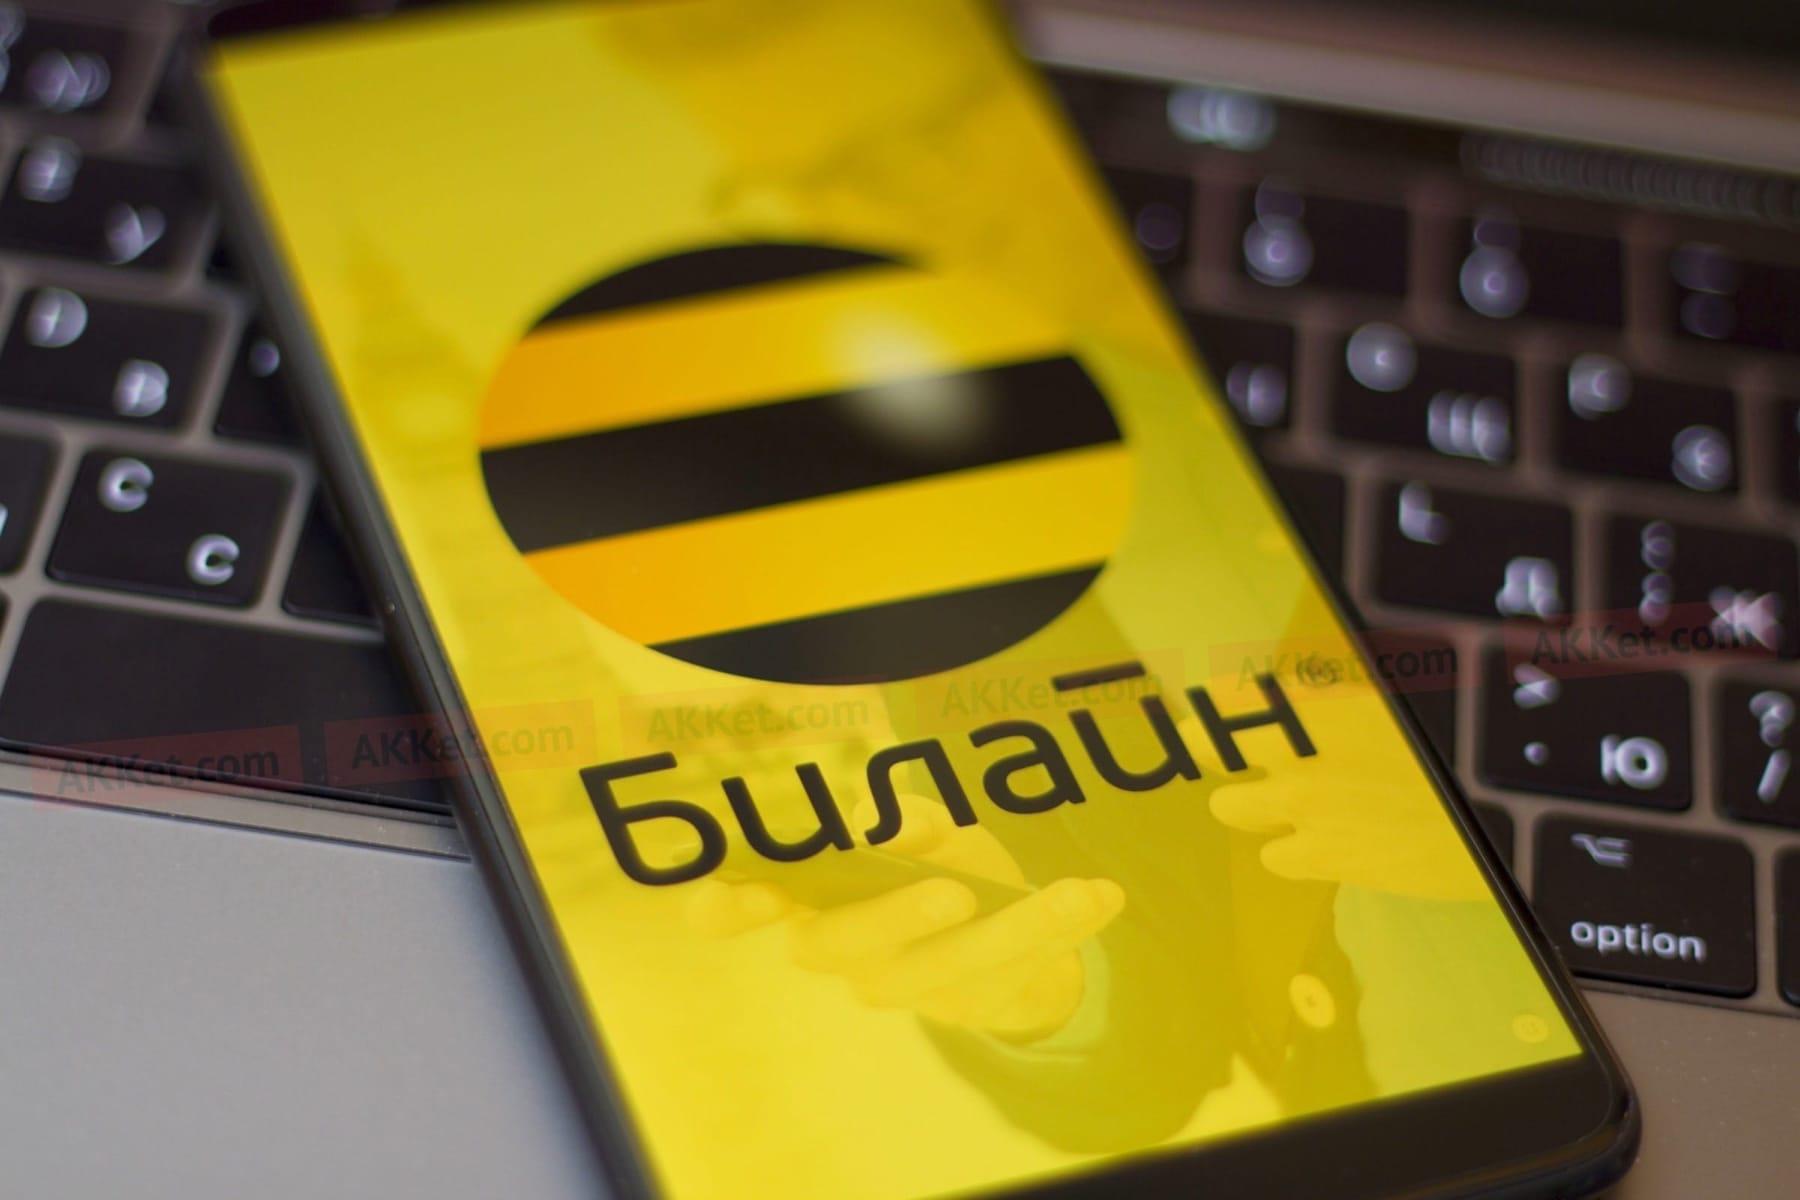 Русский оператор мобильной связи «Билайн» уходит изГрузии